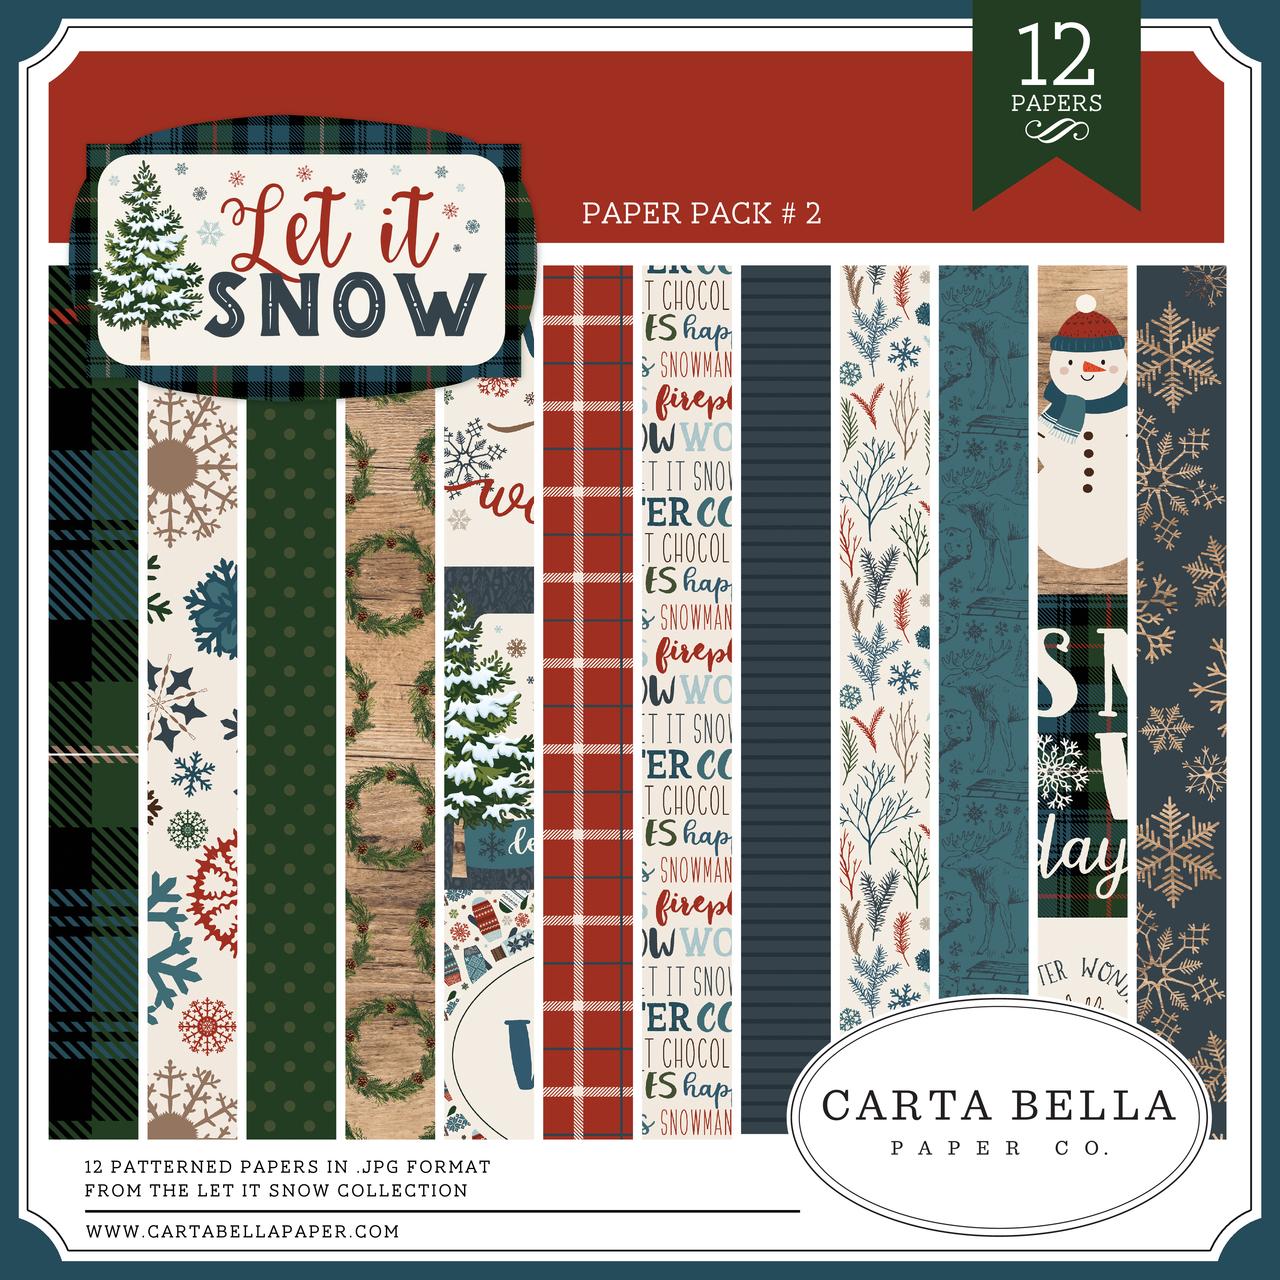 Let It Snow Paper Pack #2